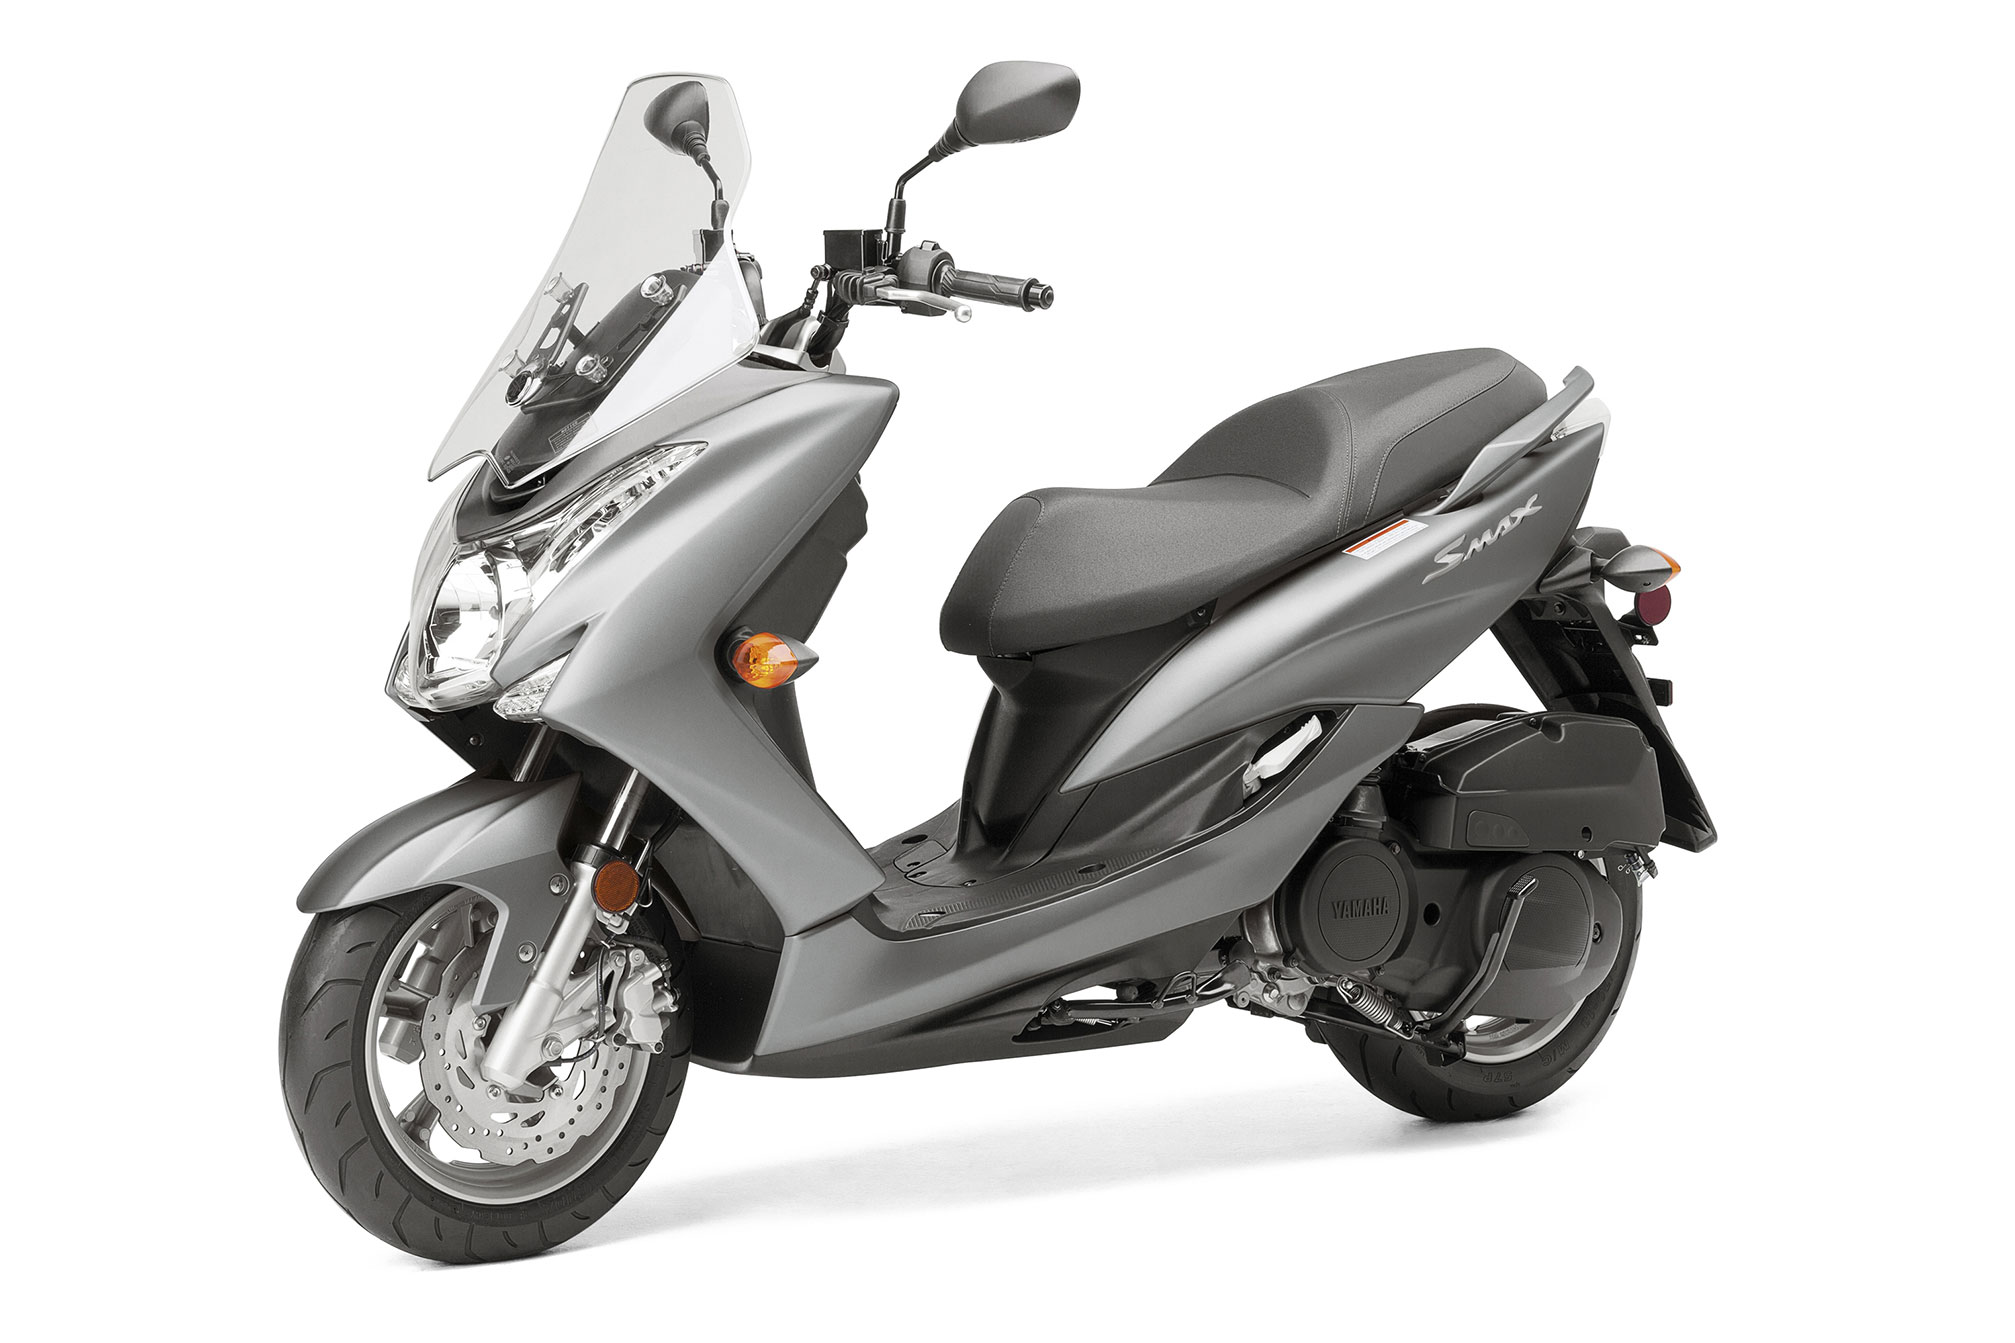 Yamaha B65 Lebih Urgent Rilis Duluan daripada Yamaha B74, Logis sih…